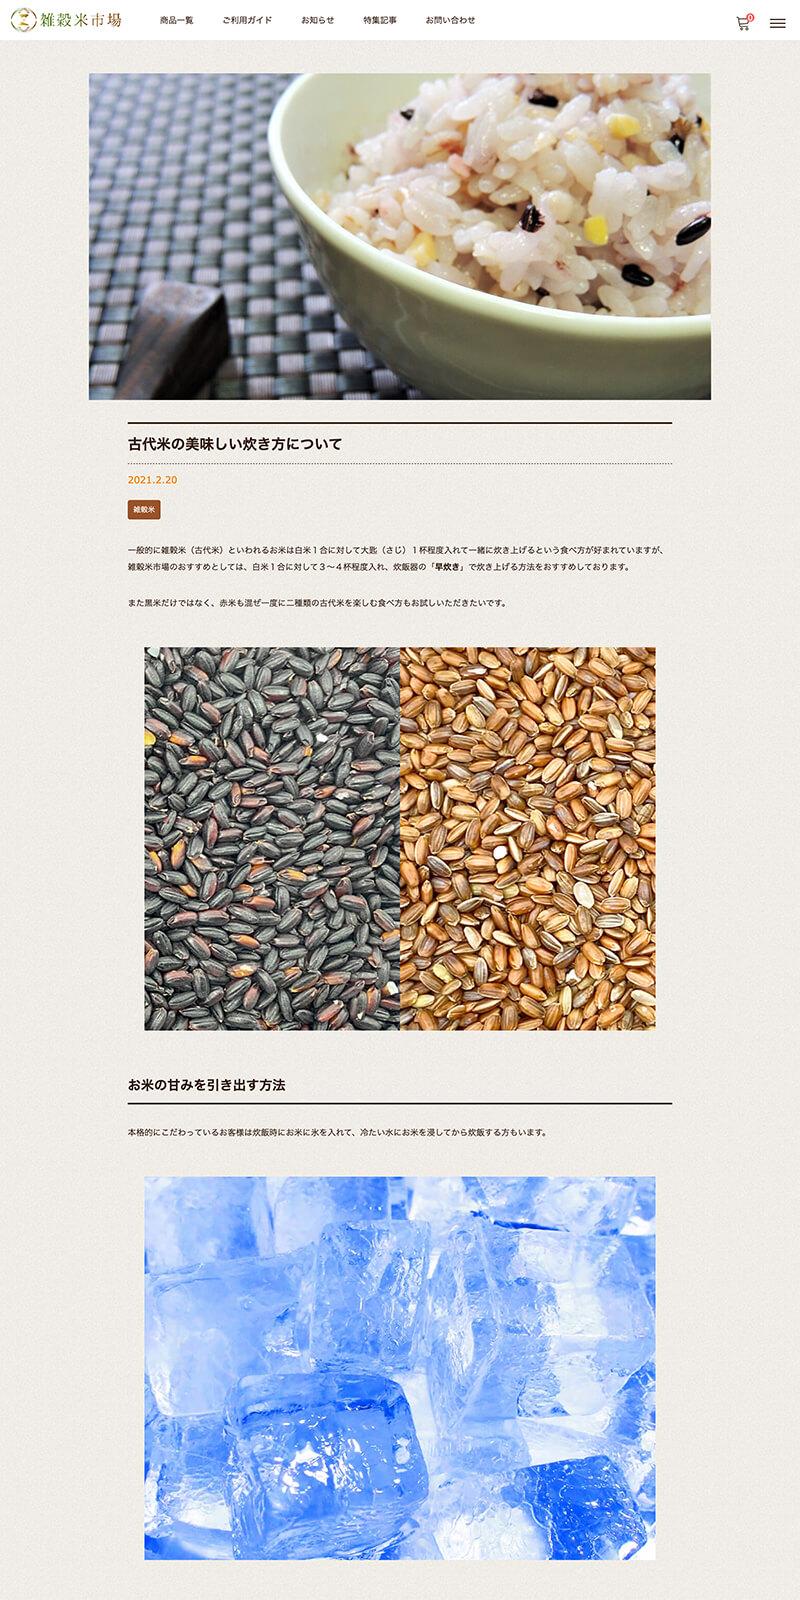 古代米の美味しい炊き方について